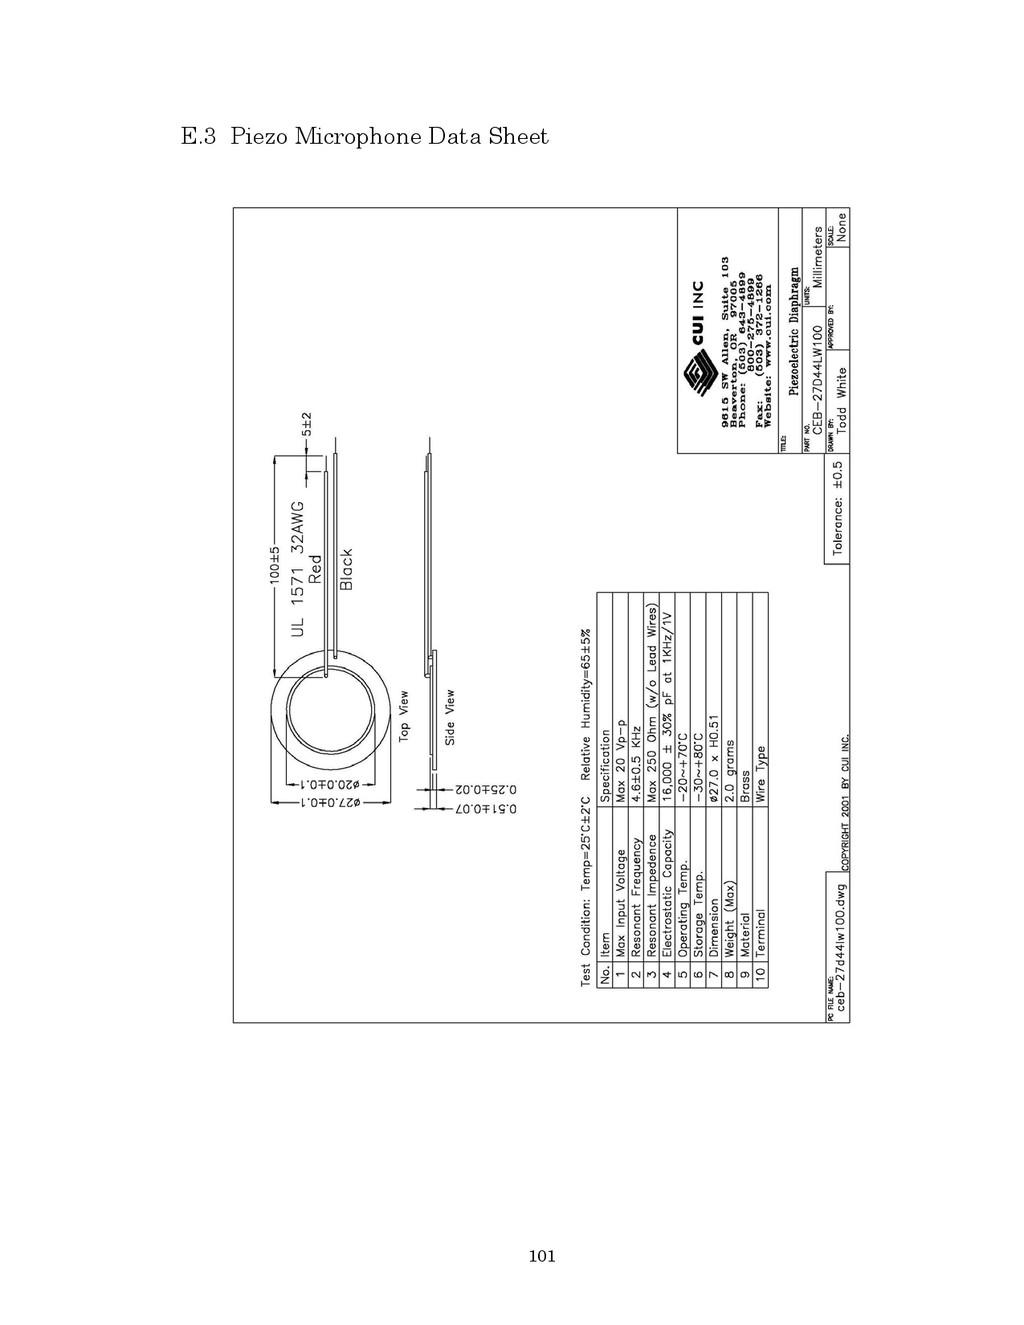 101 E.3 Piezo Microphone Data Sheet